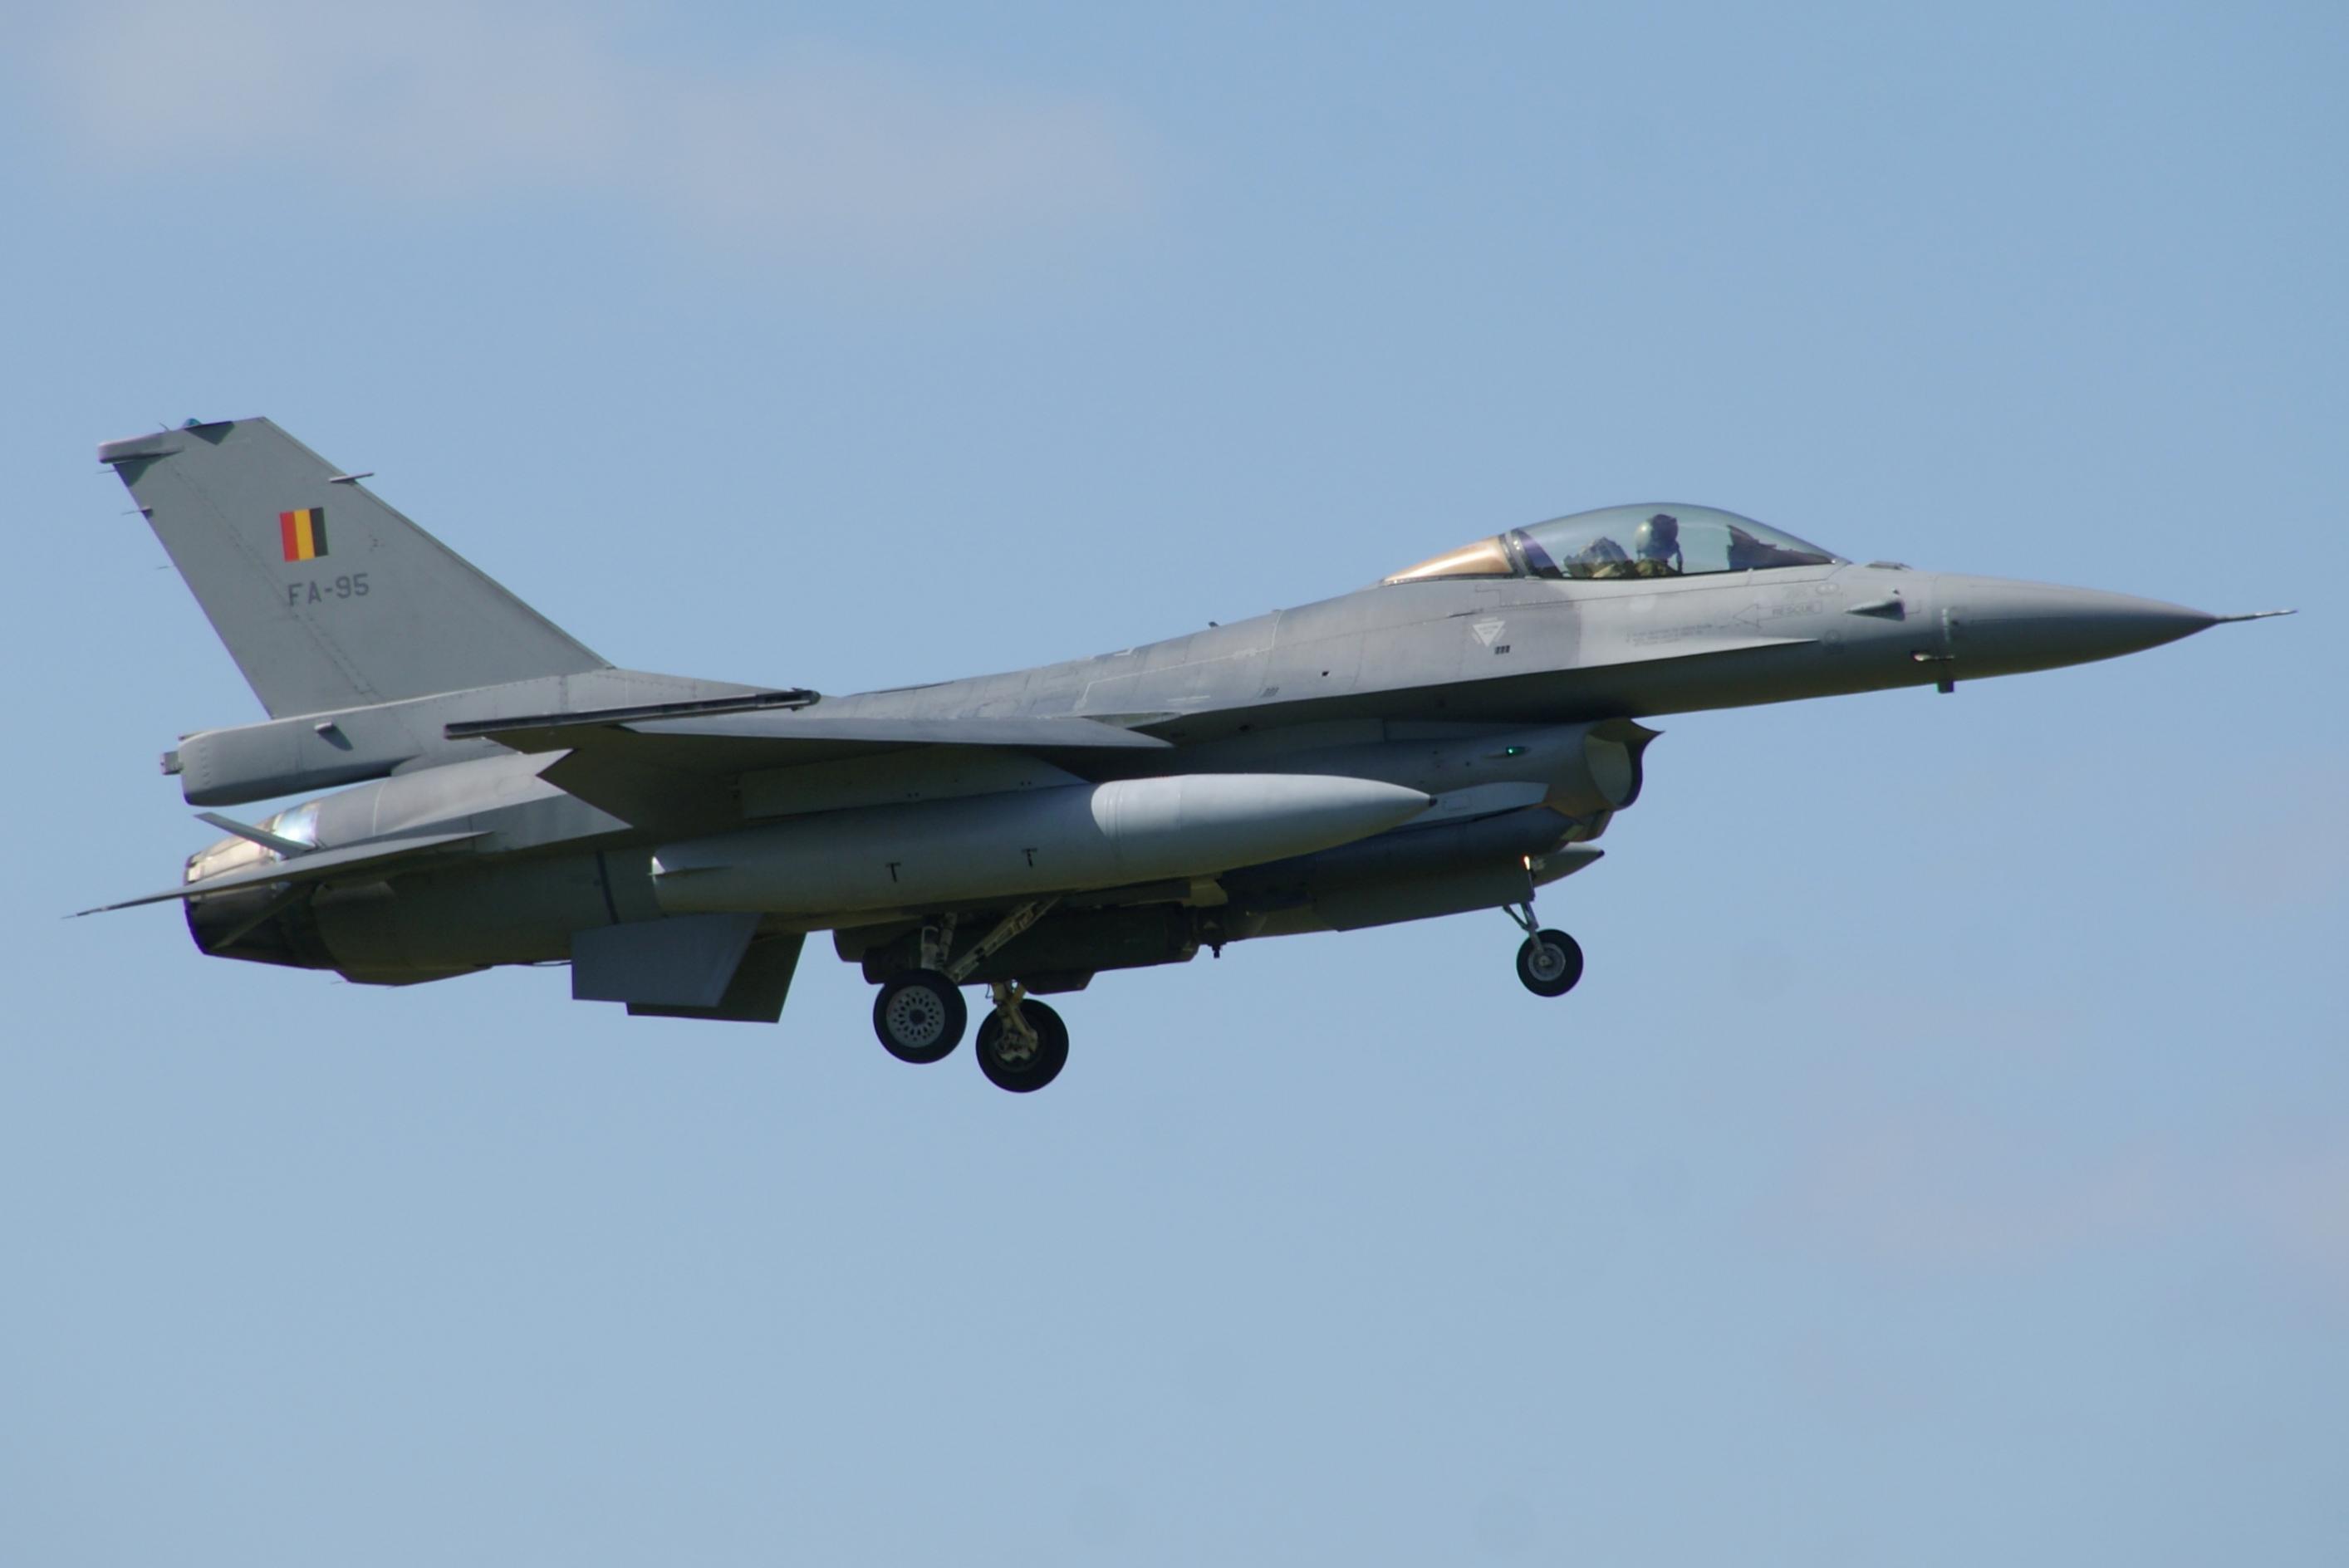 Naam: FA-95 NK.jpg Bekeken: 323 Grootte: 145,0 KB